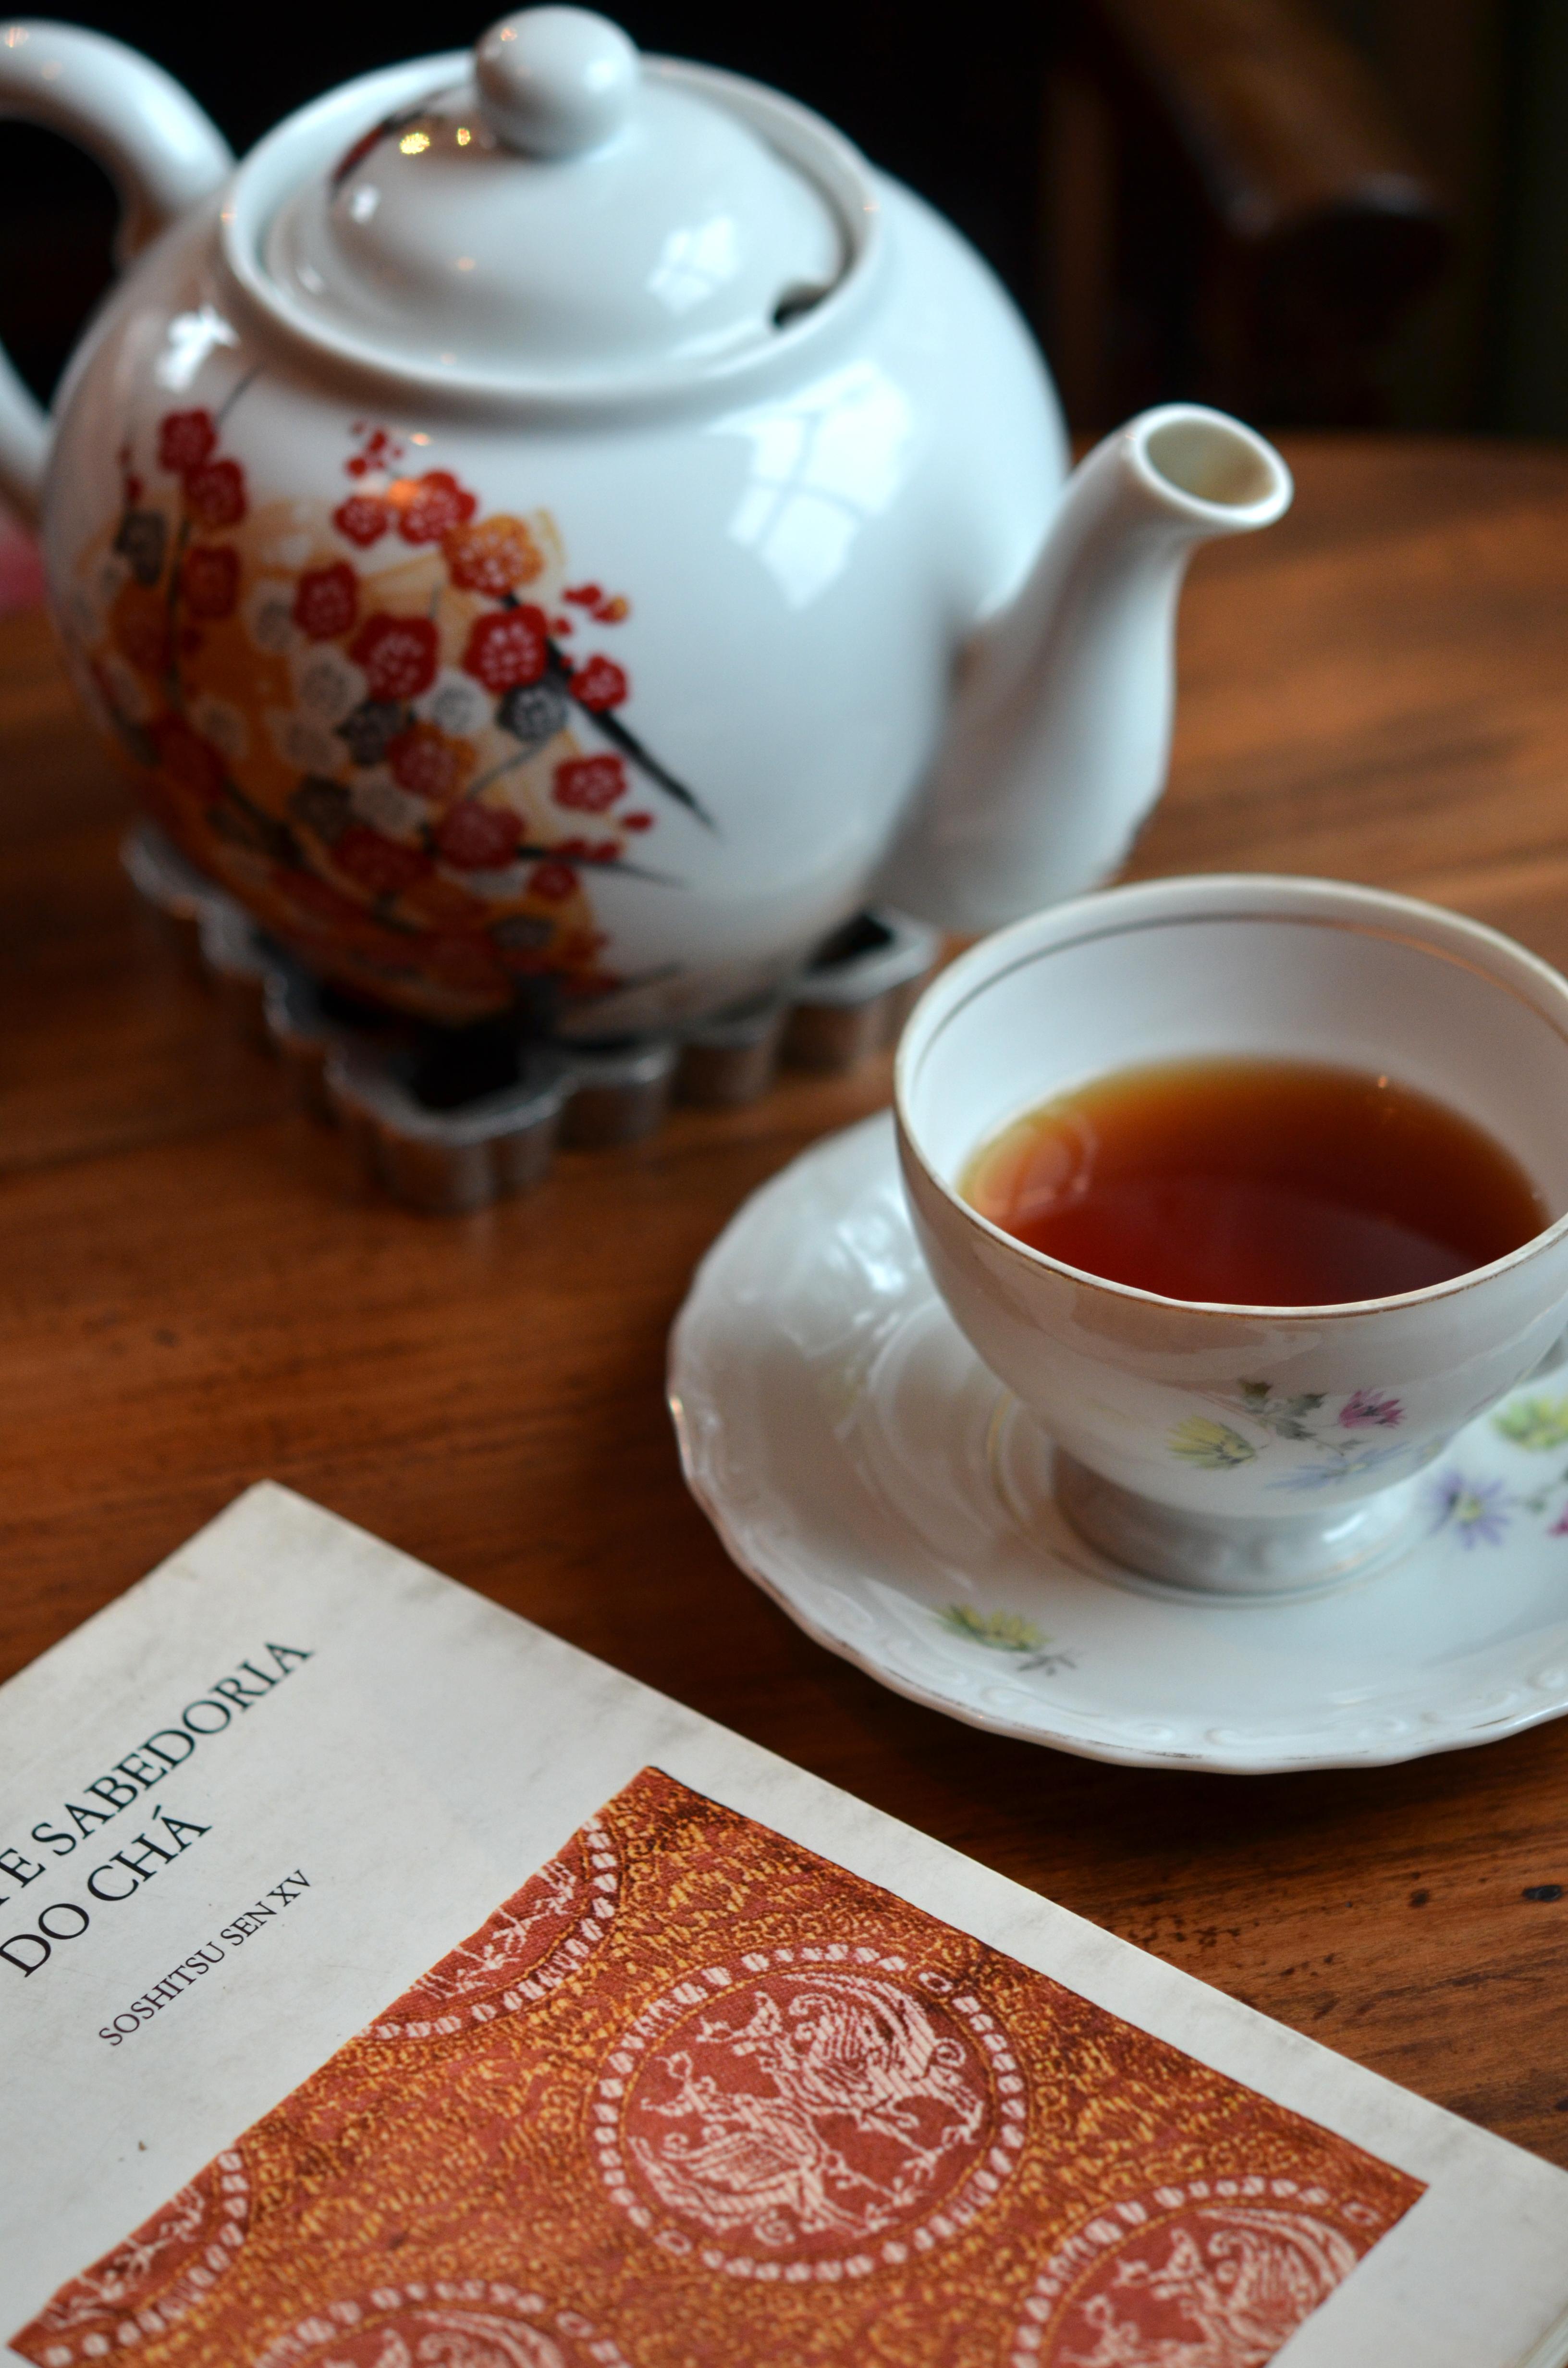 Venda, cursos e workshops sobre chá